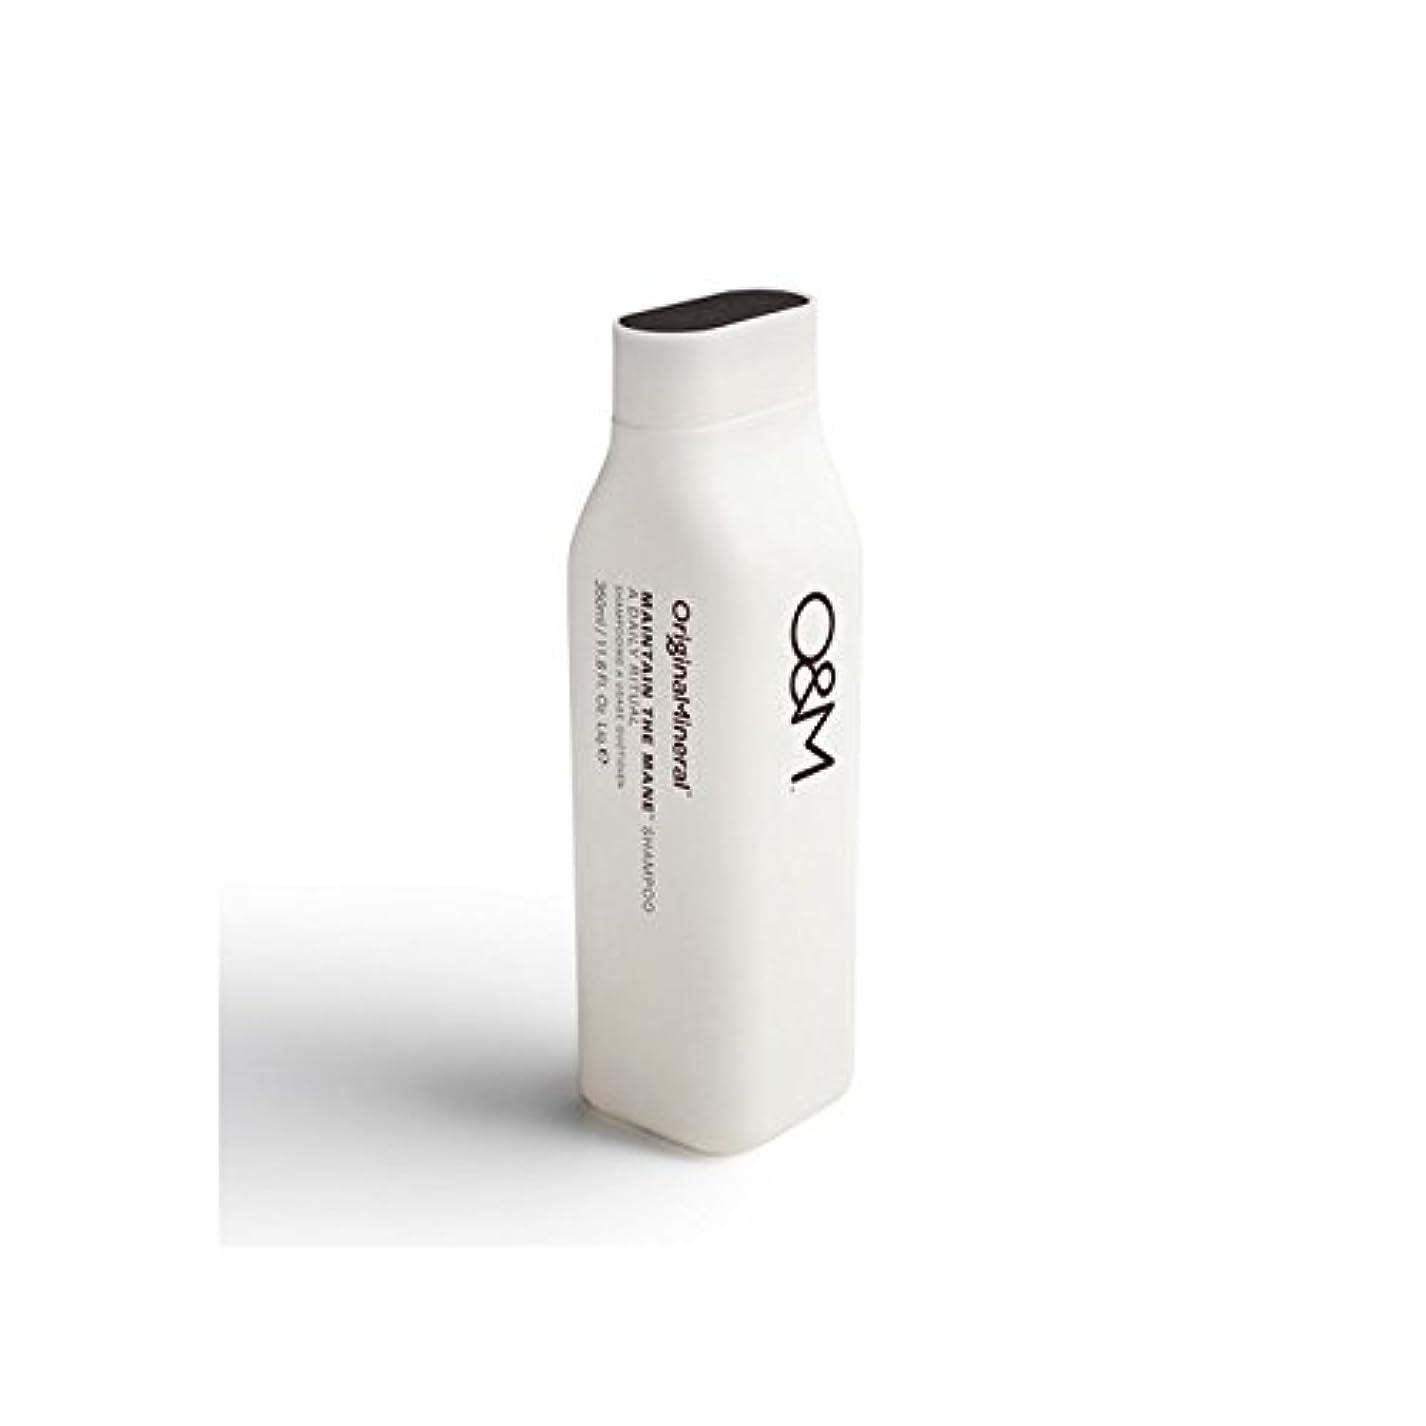 進む複雑でない現代のOriginal & Mineral Maintain The Mane Shampoo (350ml) - オリジナル&ミネラルは、たてがみのシャンプー(350ミリリットル)を維持 [並行輸入品]